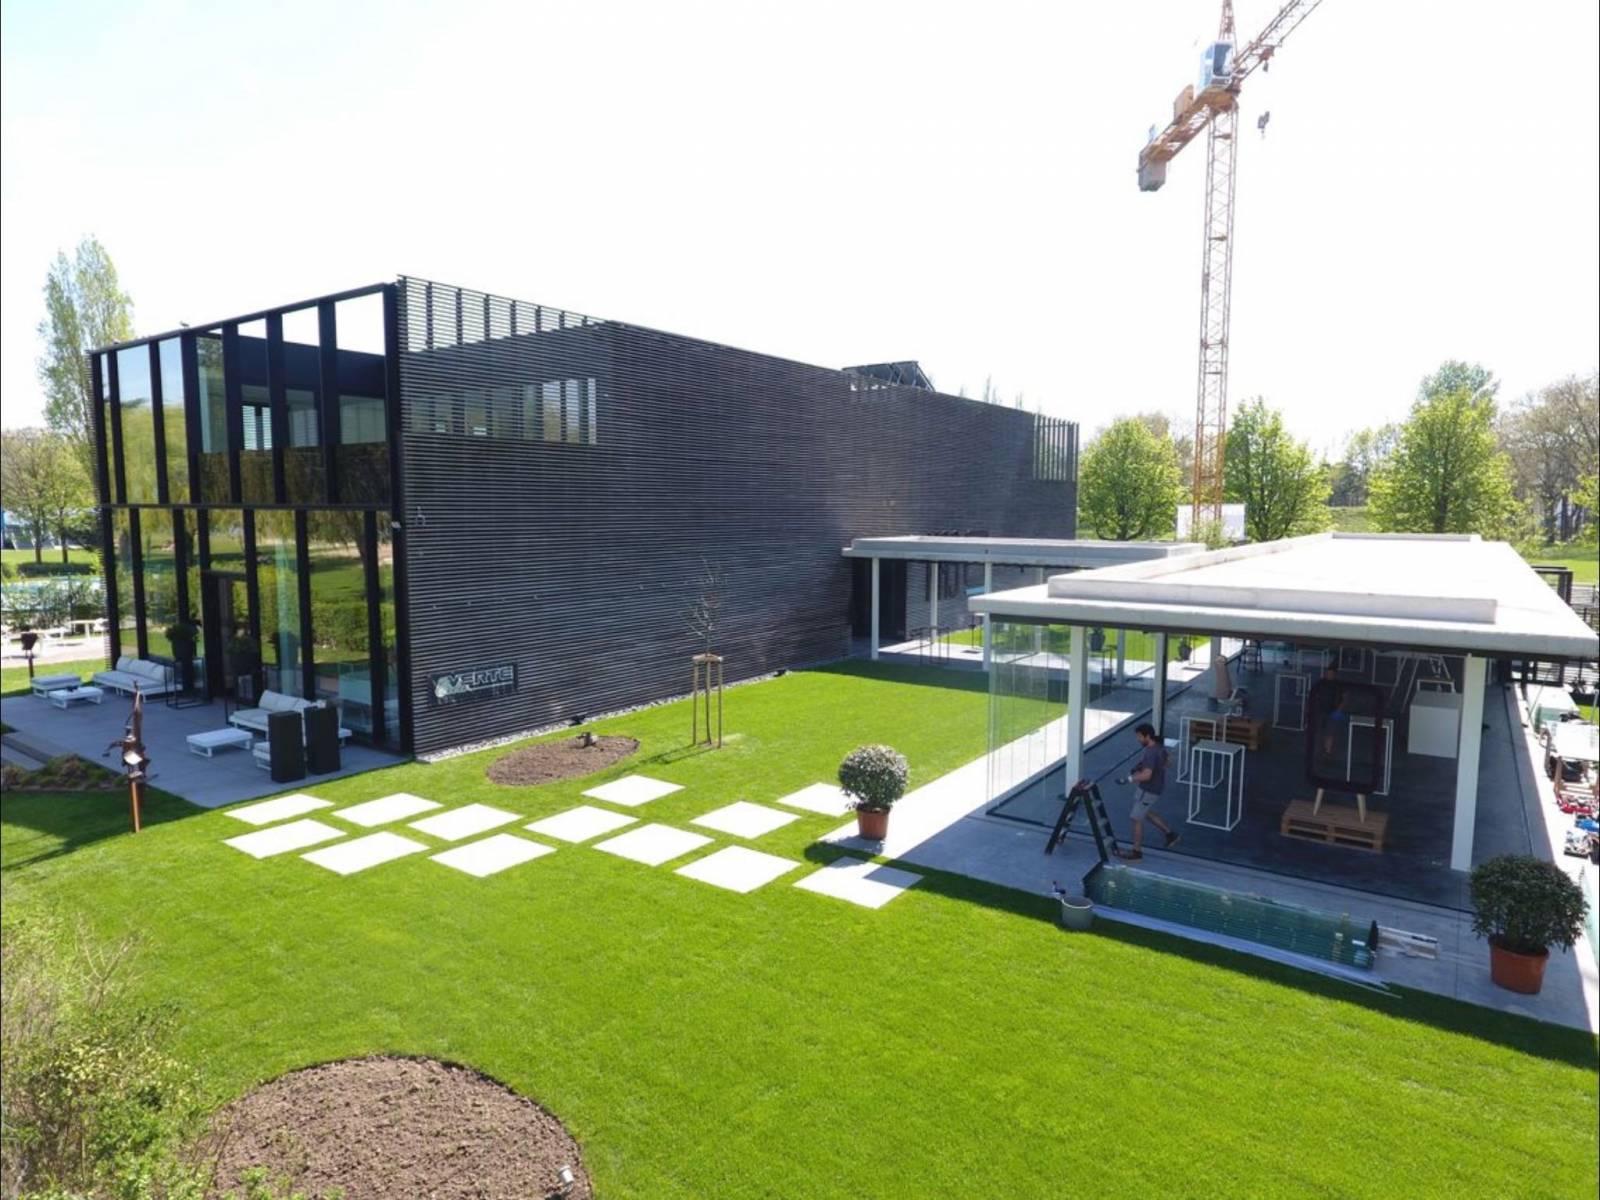 KAS Kunst aan de Stroom - Antwerpen - Feestzaal - Trouwzaal - House of Weddings - 16